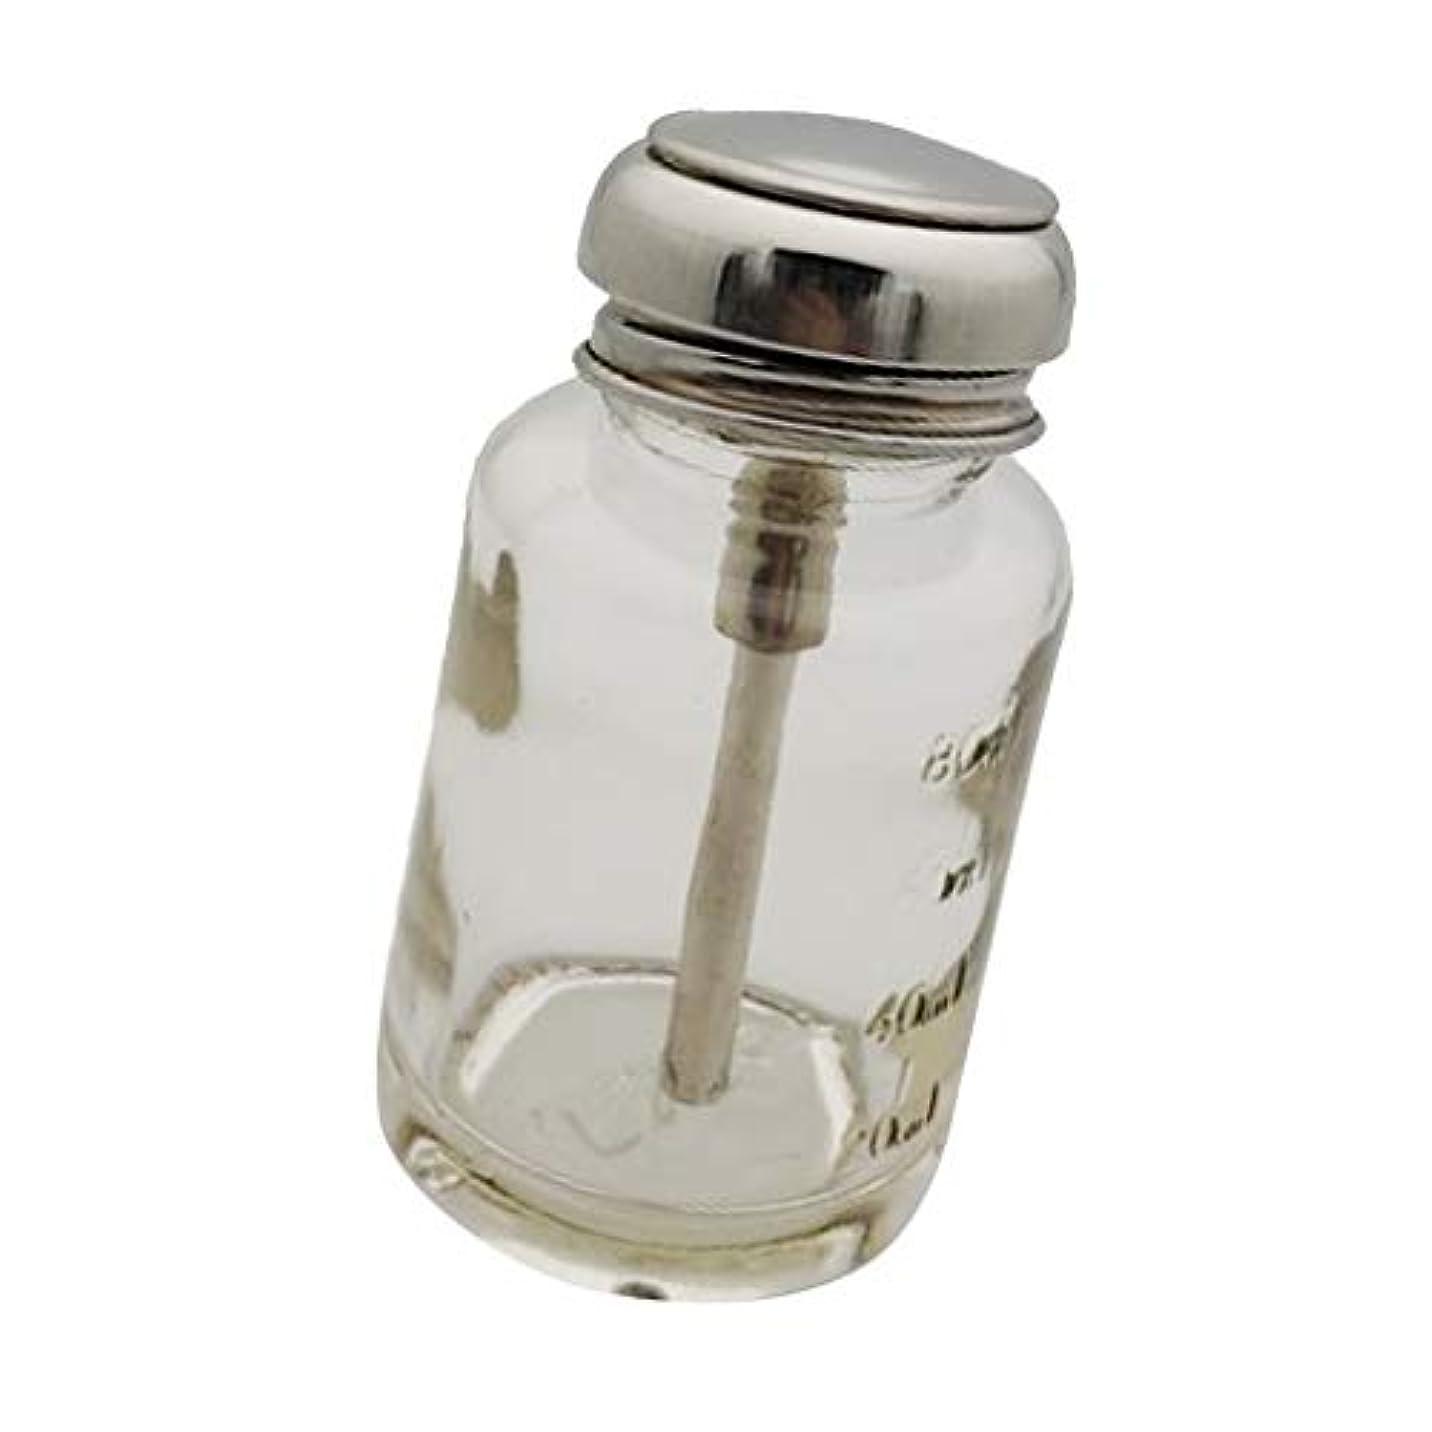 パンサー足回転させるポンプボトル プレスボトル ディスペンサーボトル マニキュア 除去剤 メイク落とし 小分けボトル